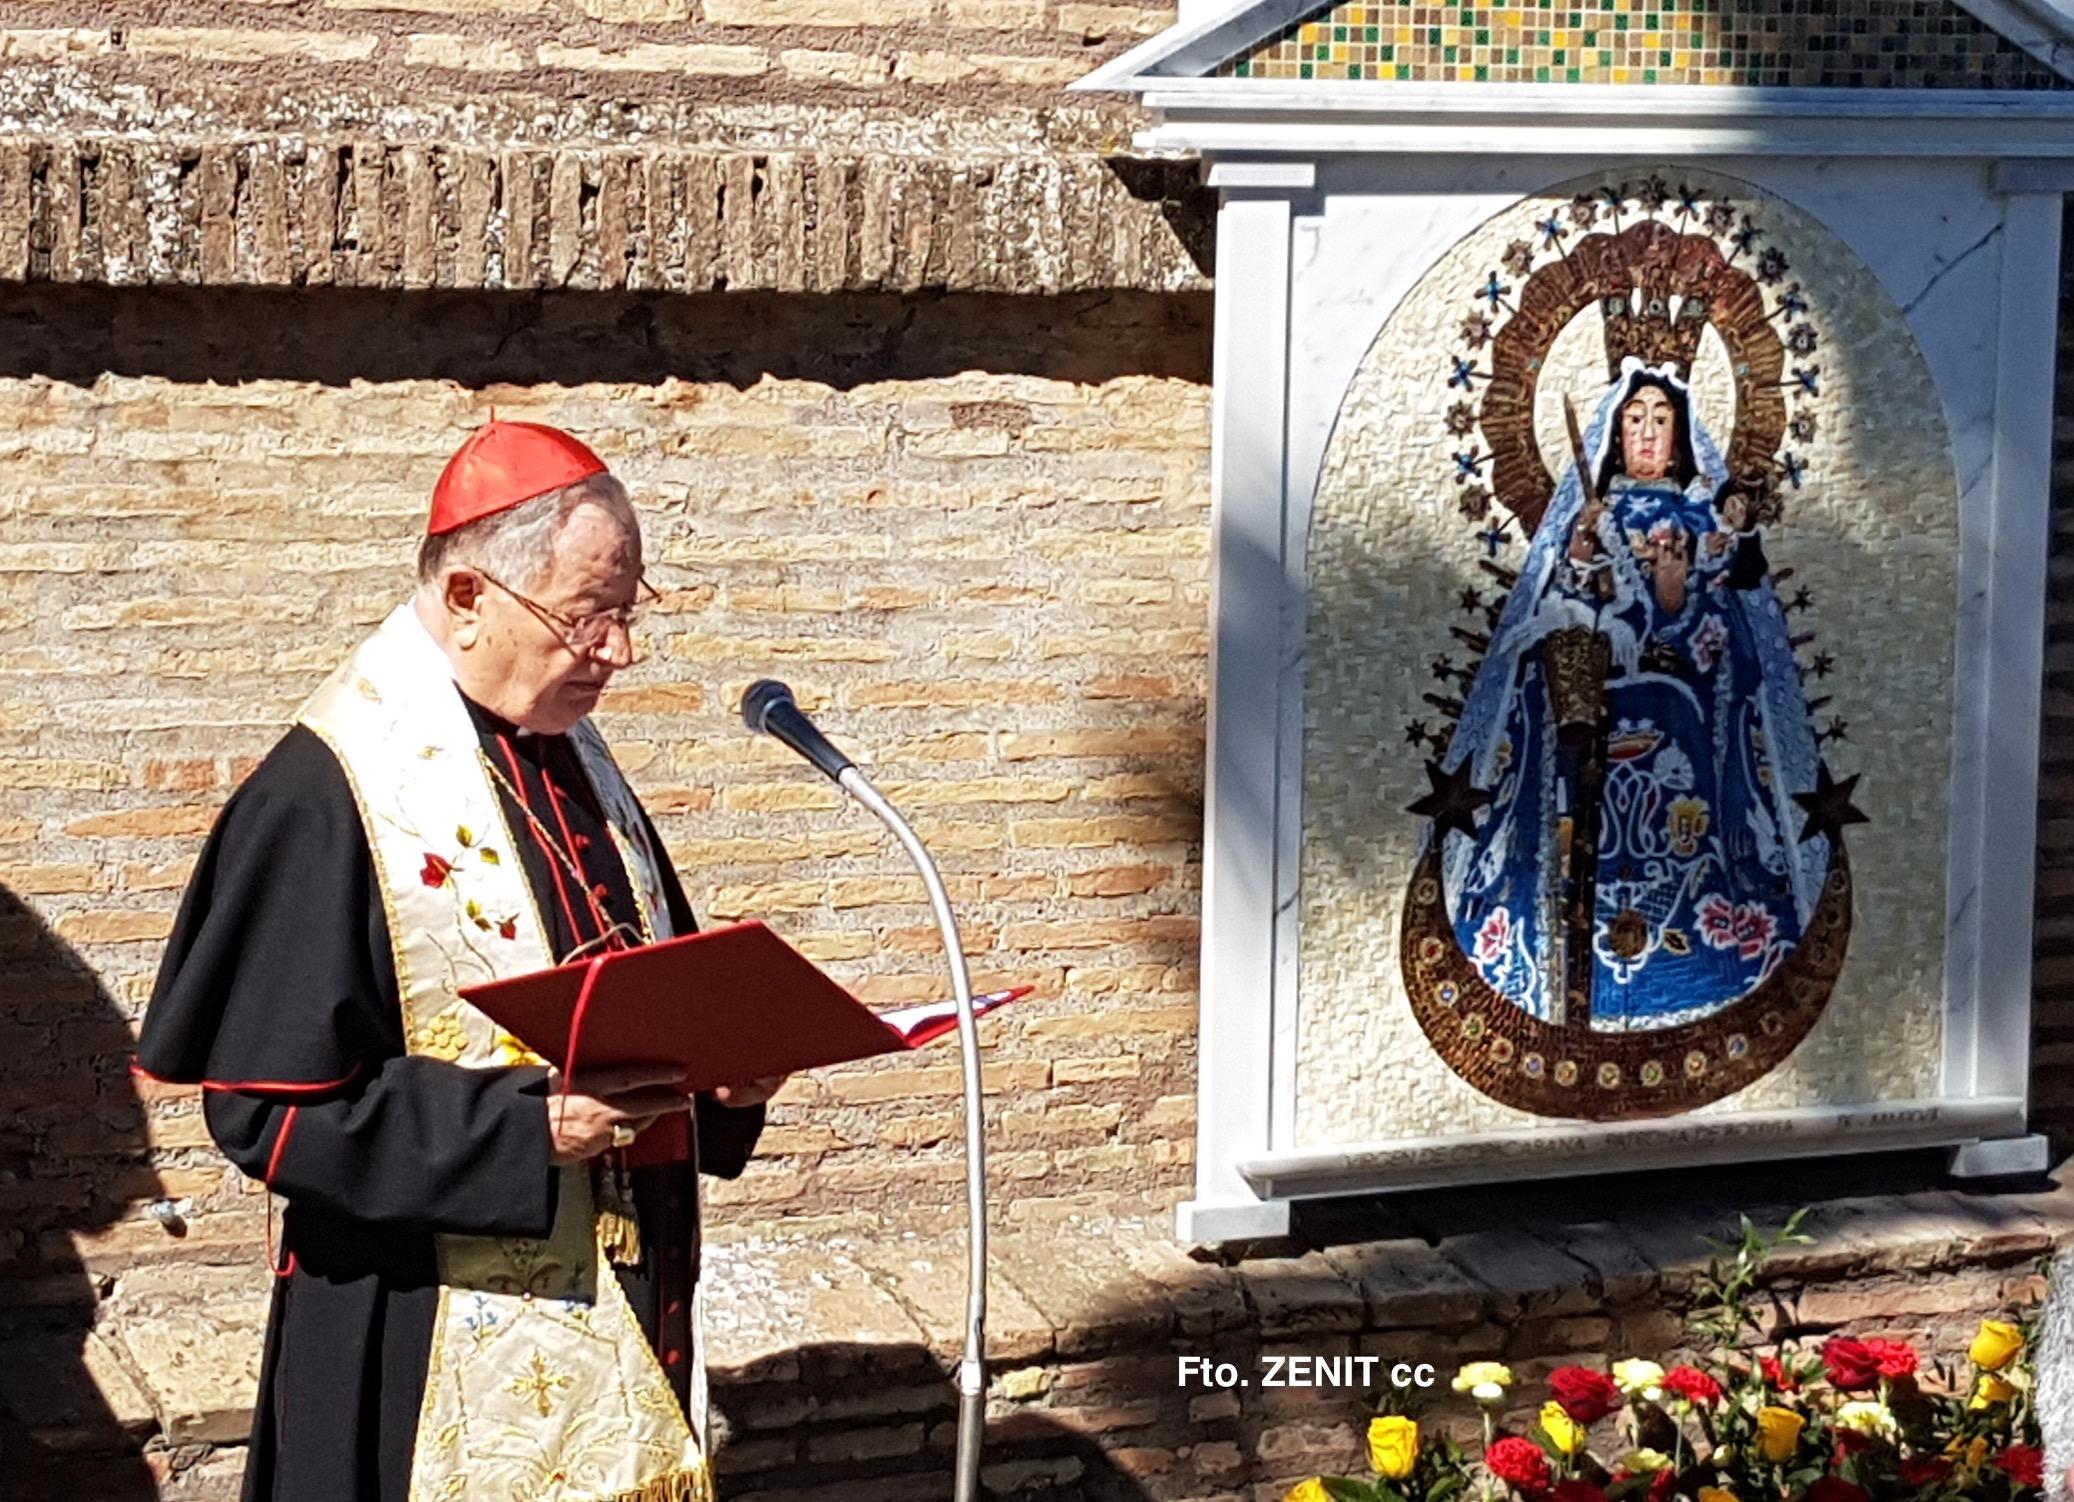 El cardenal Bertello bendice la imagen de María